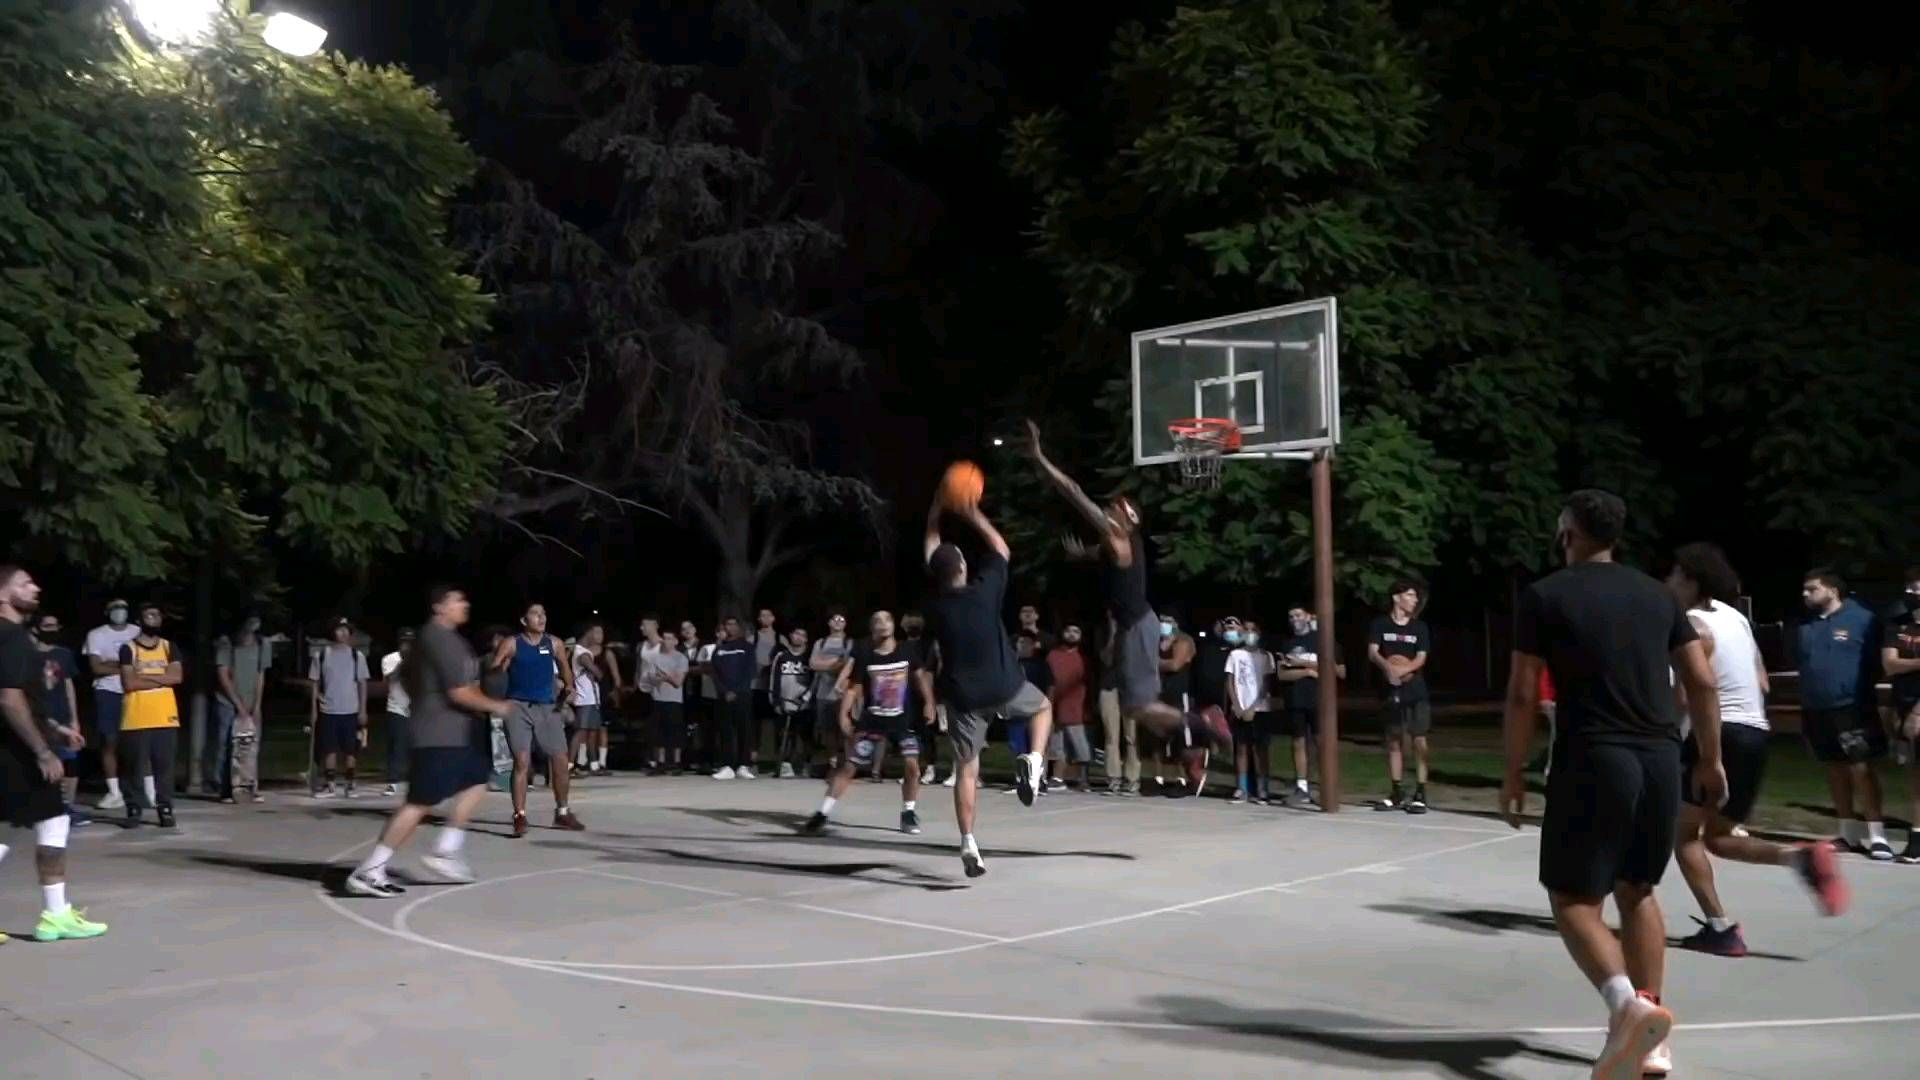 在洛杉矶的公园5v5篮球,现场都是暴扣!